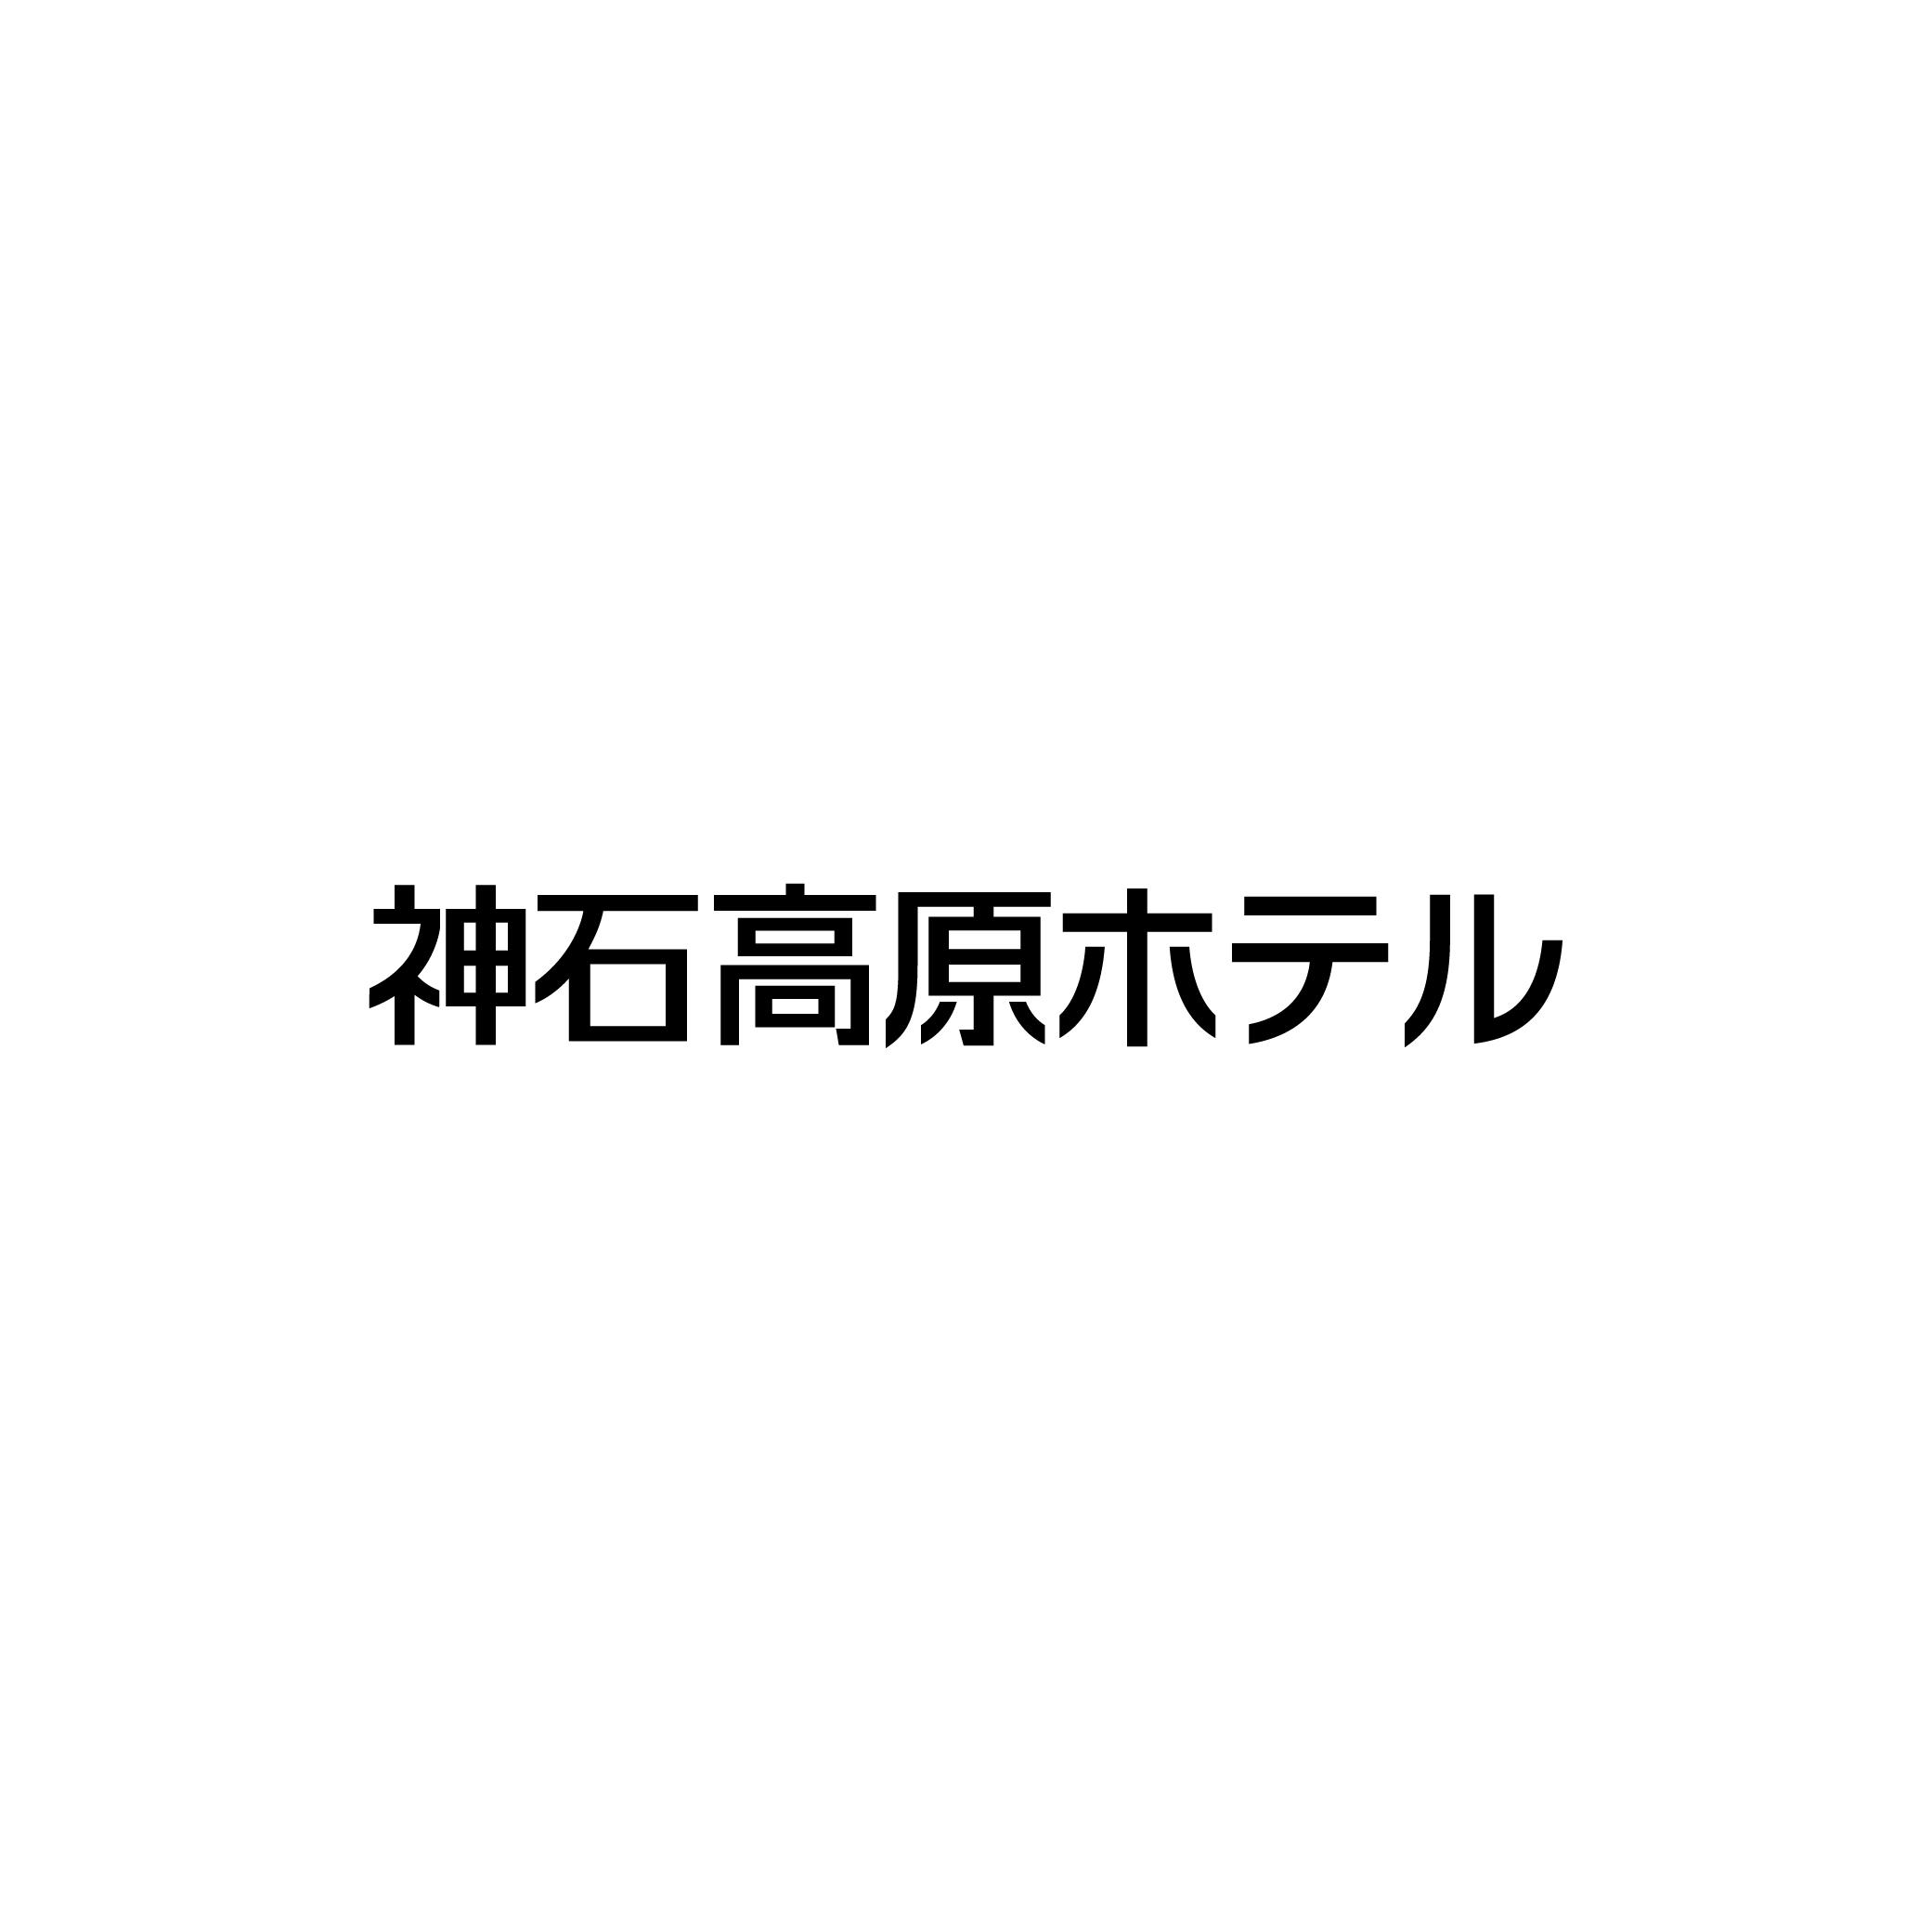 [お知らせ]7/17土砂崩れ発生・神石高原ホテル~福山の一部区間通行止め